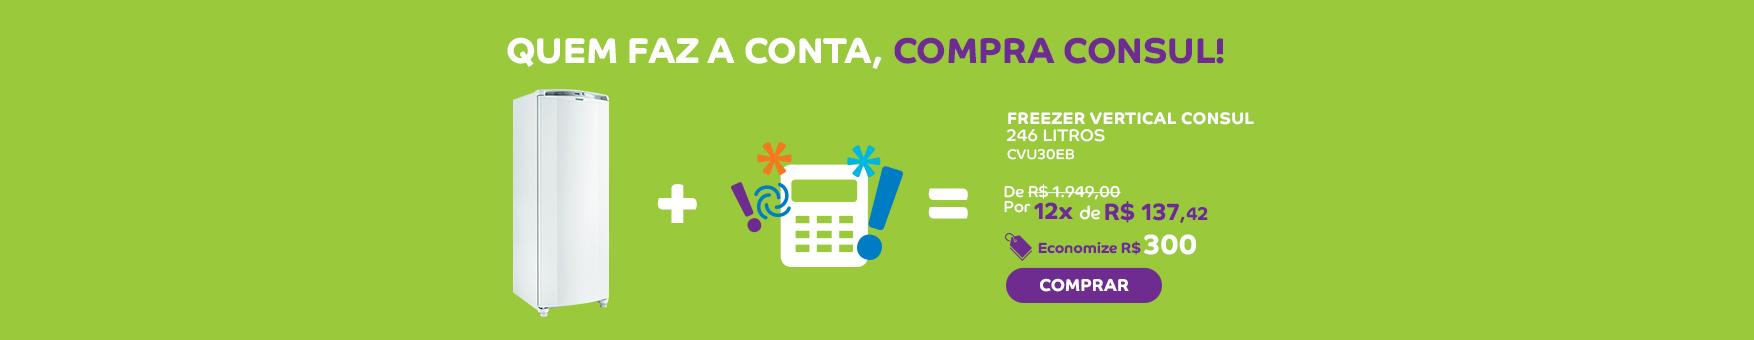 Promoção Interna - 113 - matematicaconsul_cvu30eb_home_3072015 - cvu30eb - 4